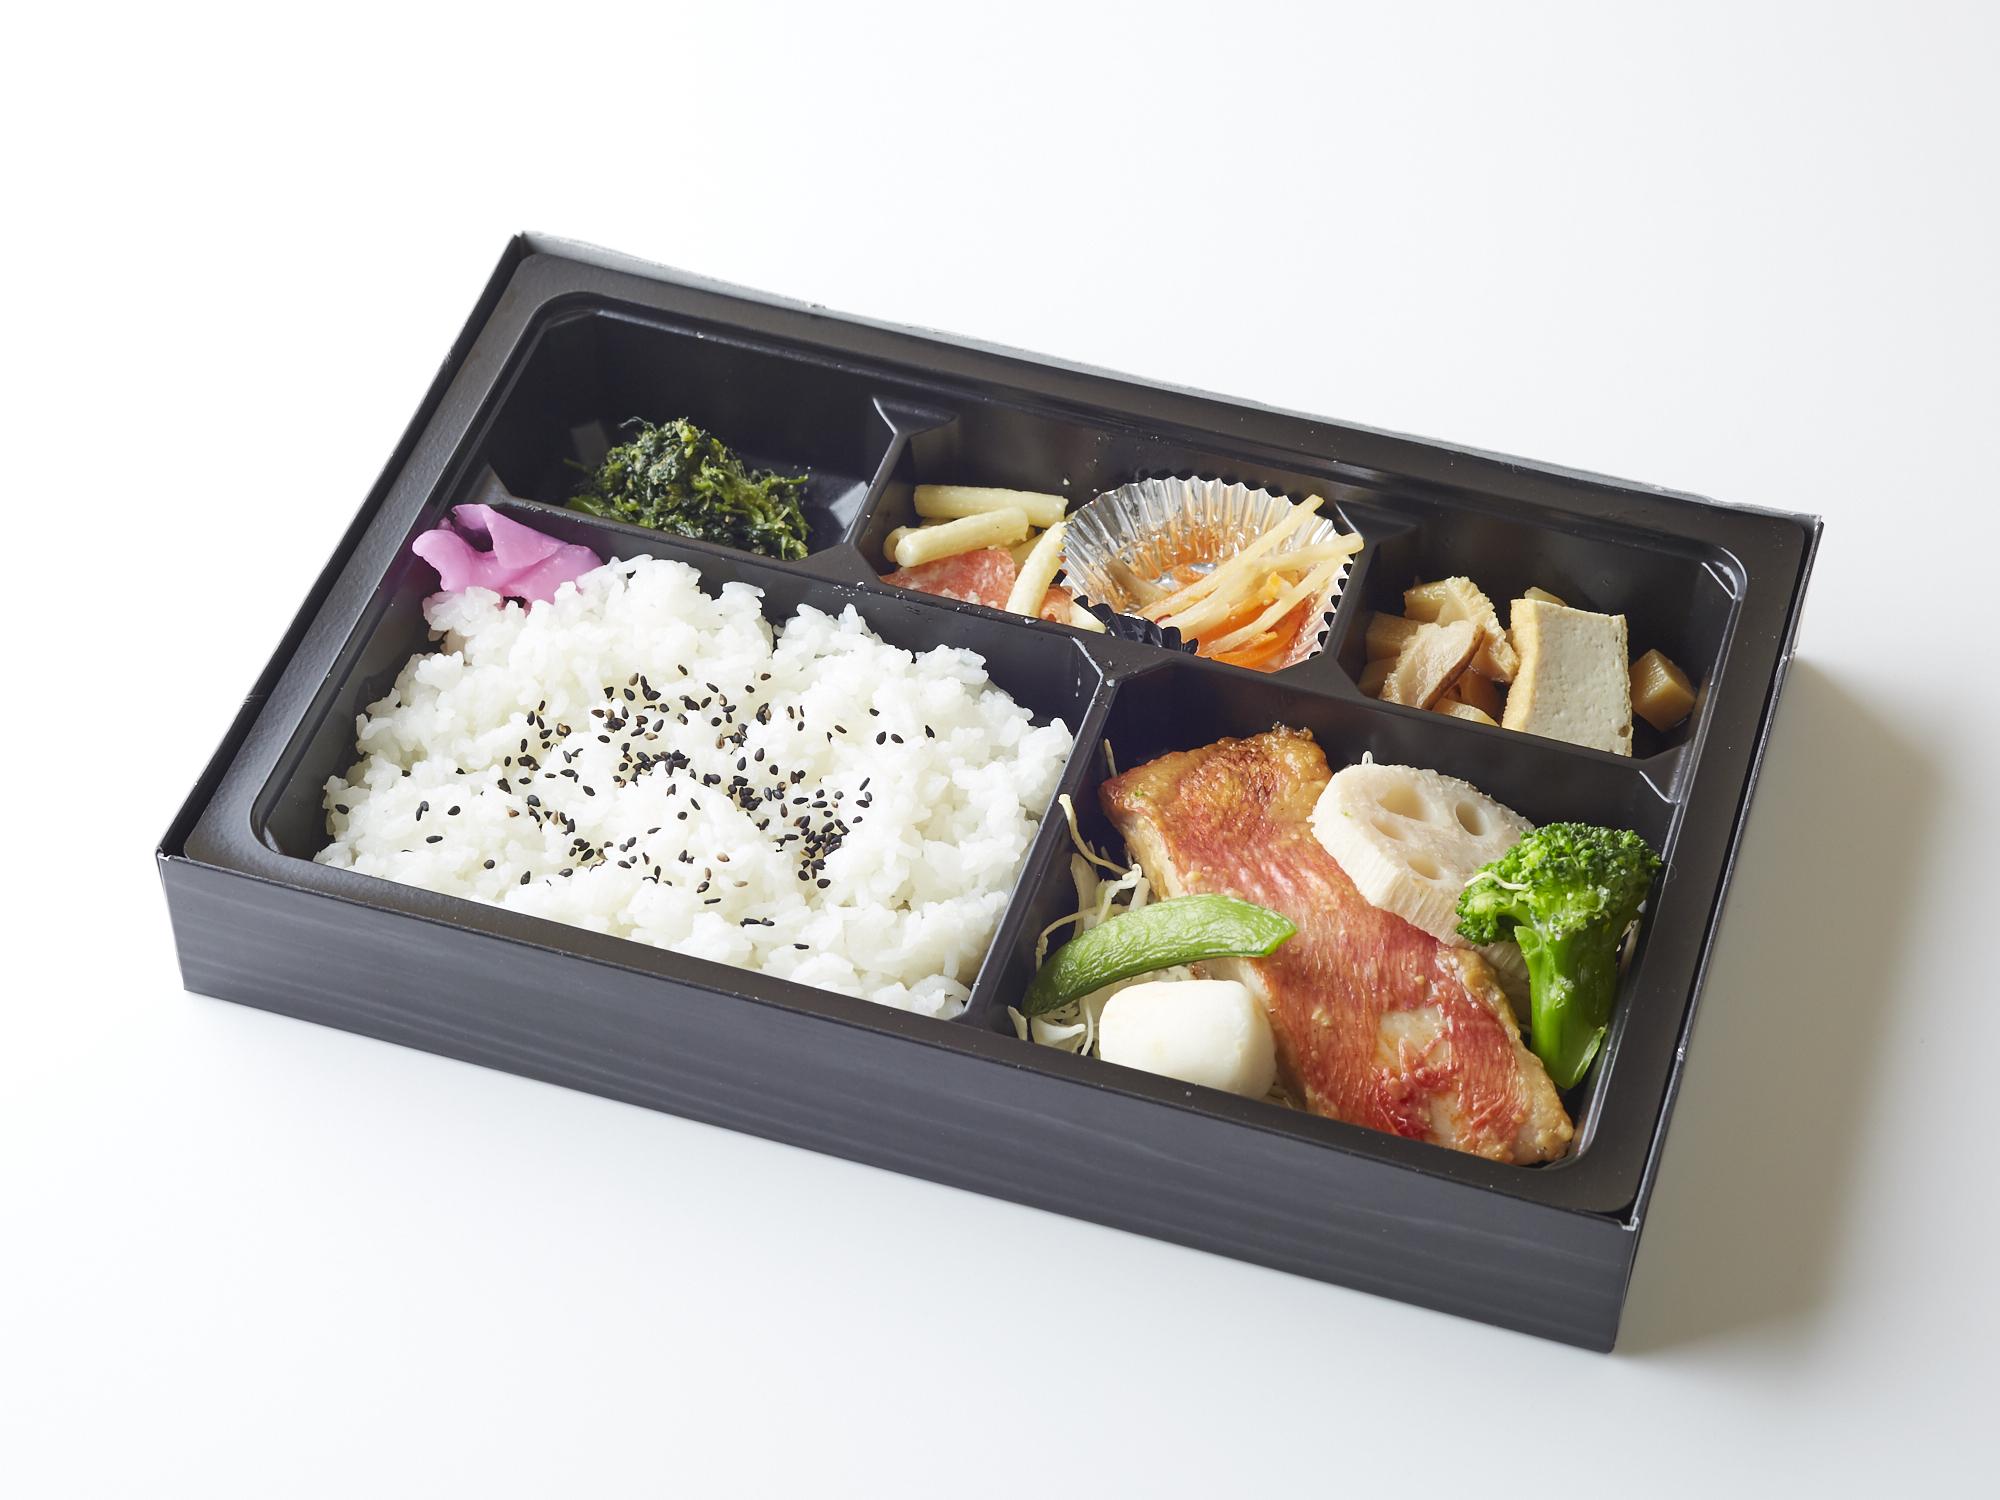 金目鯛の西京味噌焼き・彩り焼き野菜添え弁当